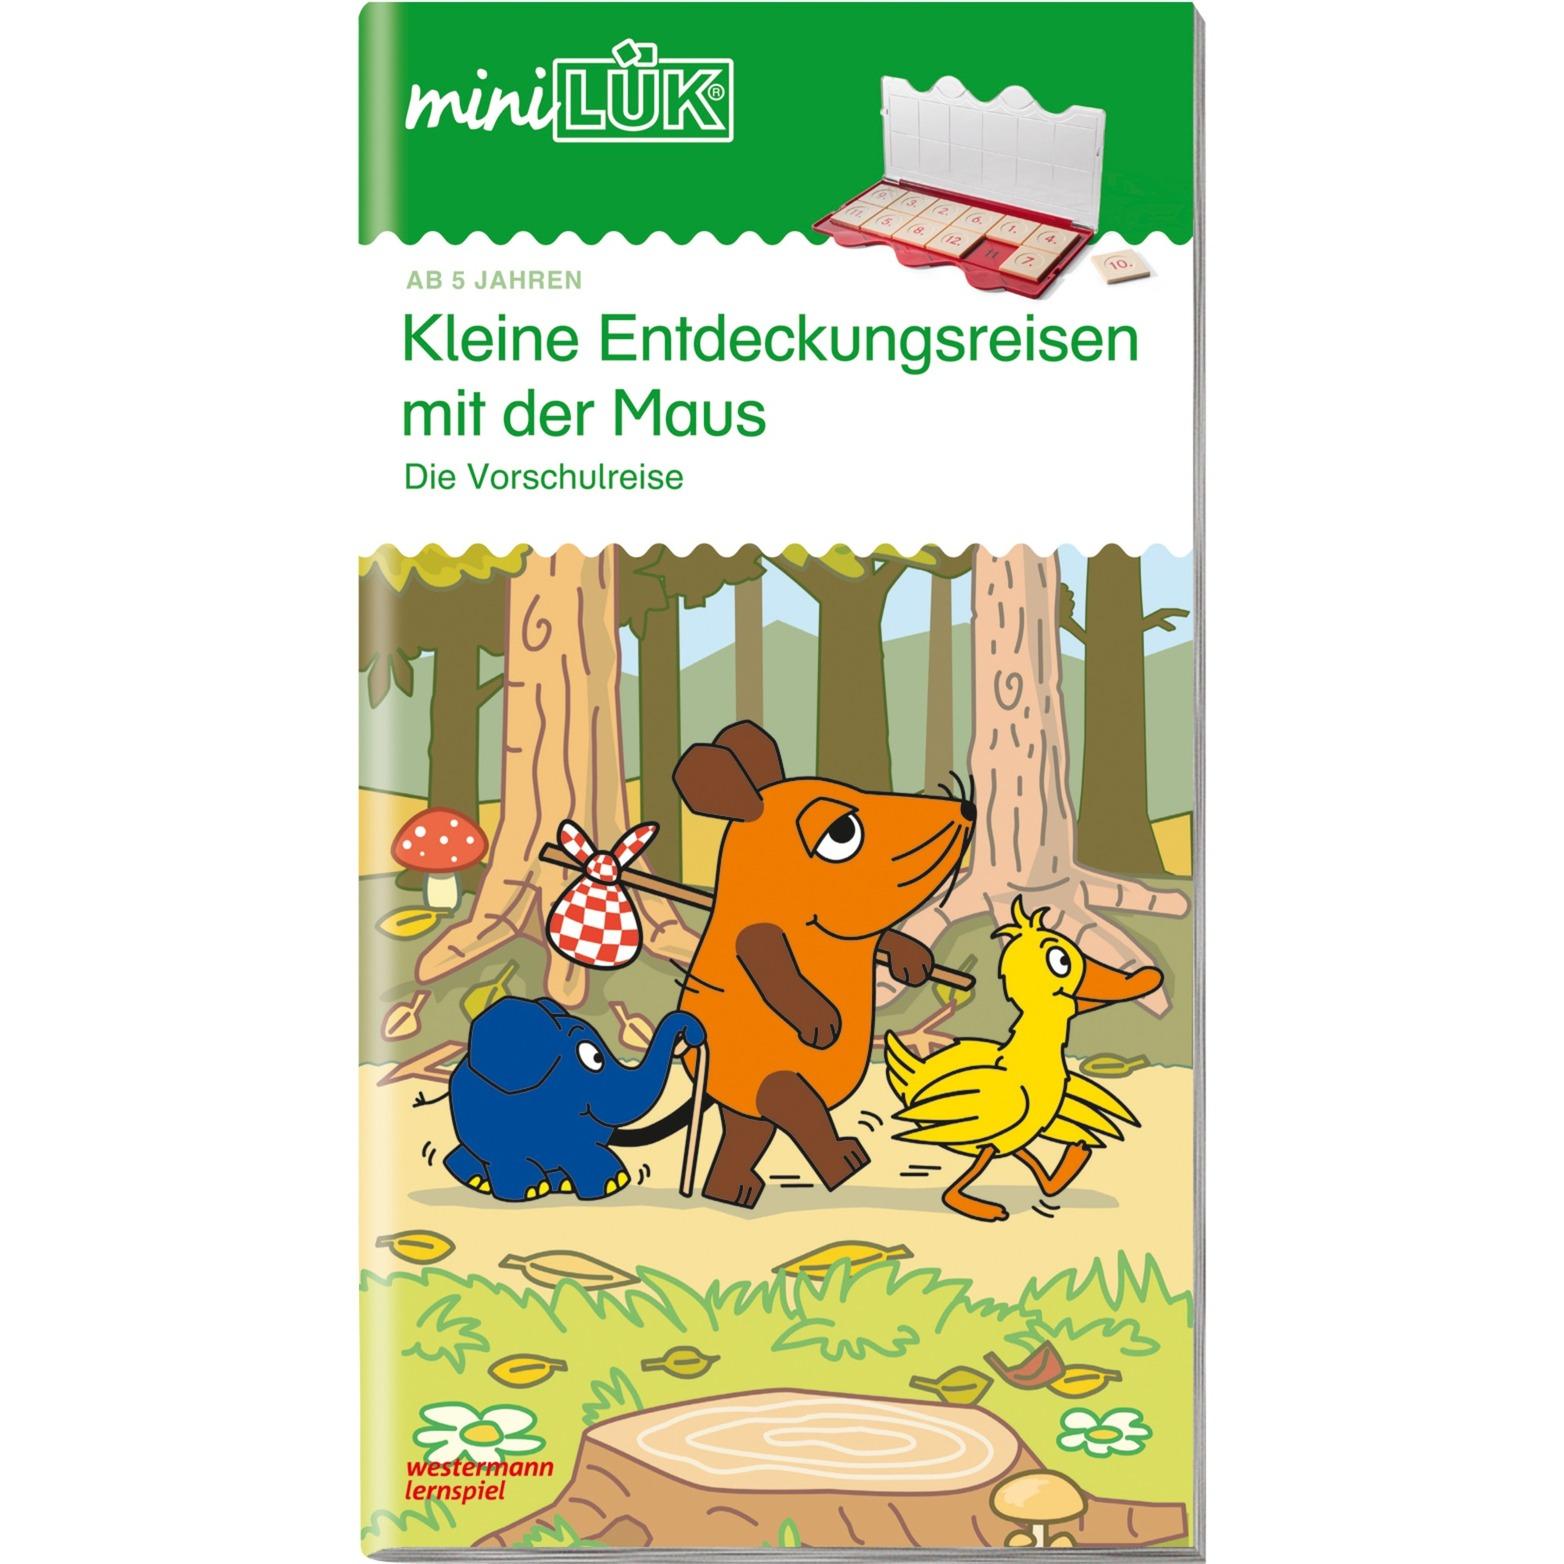 WESTERMANN miniLÜK-Heft: Kleine Entdeckungsreisen it der Maus, Lernbuch